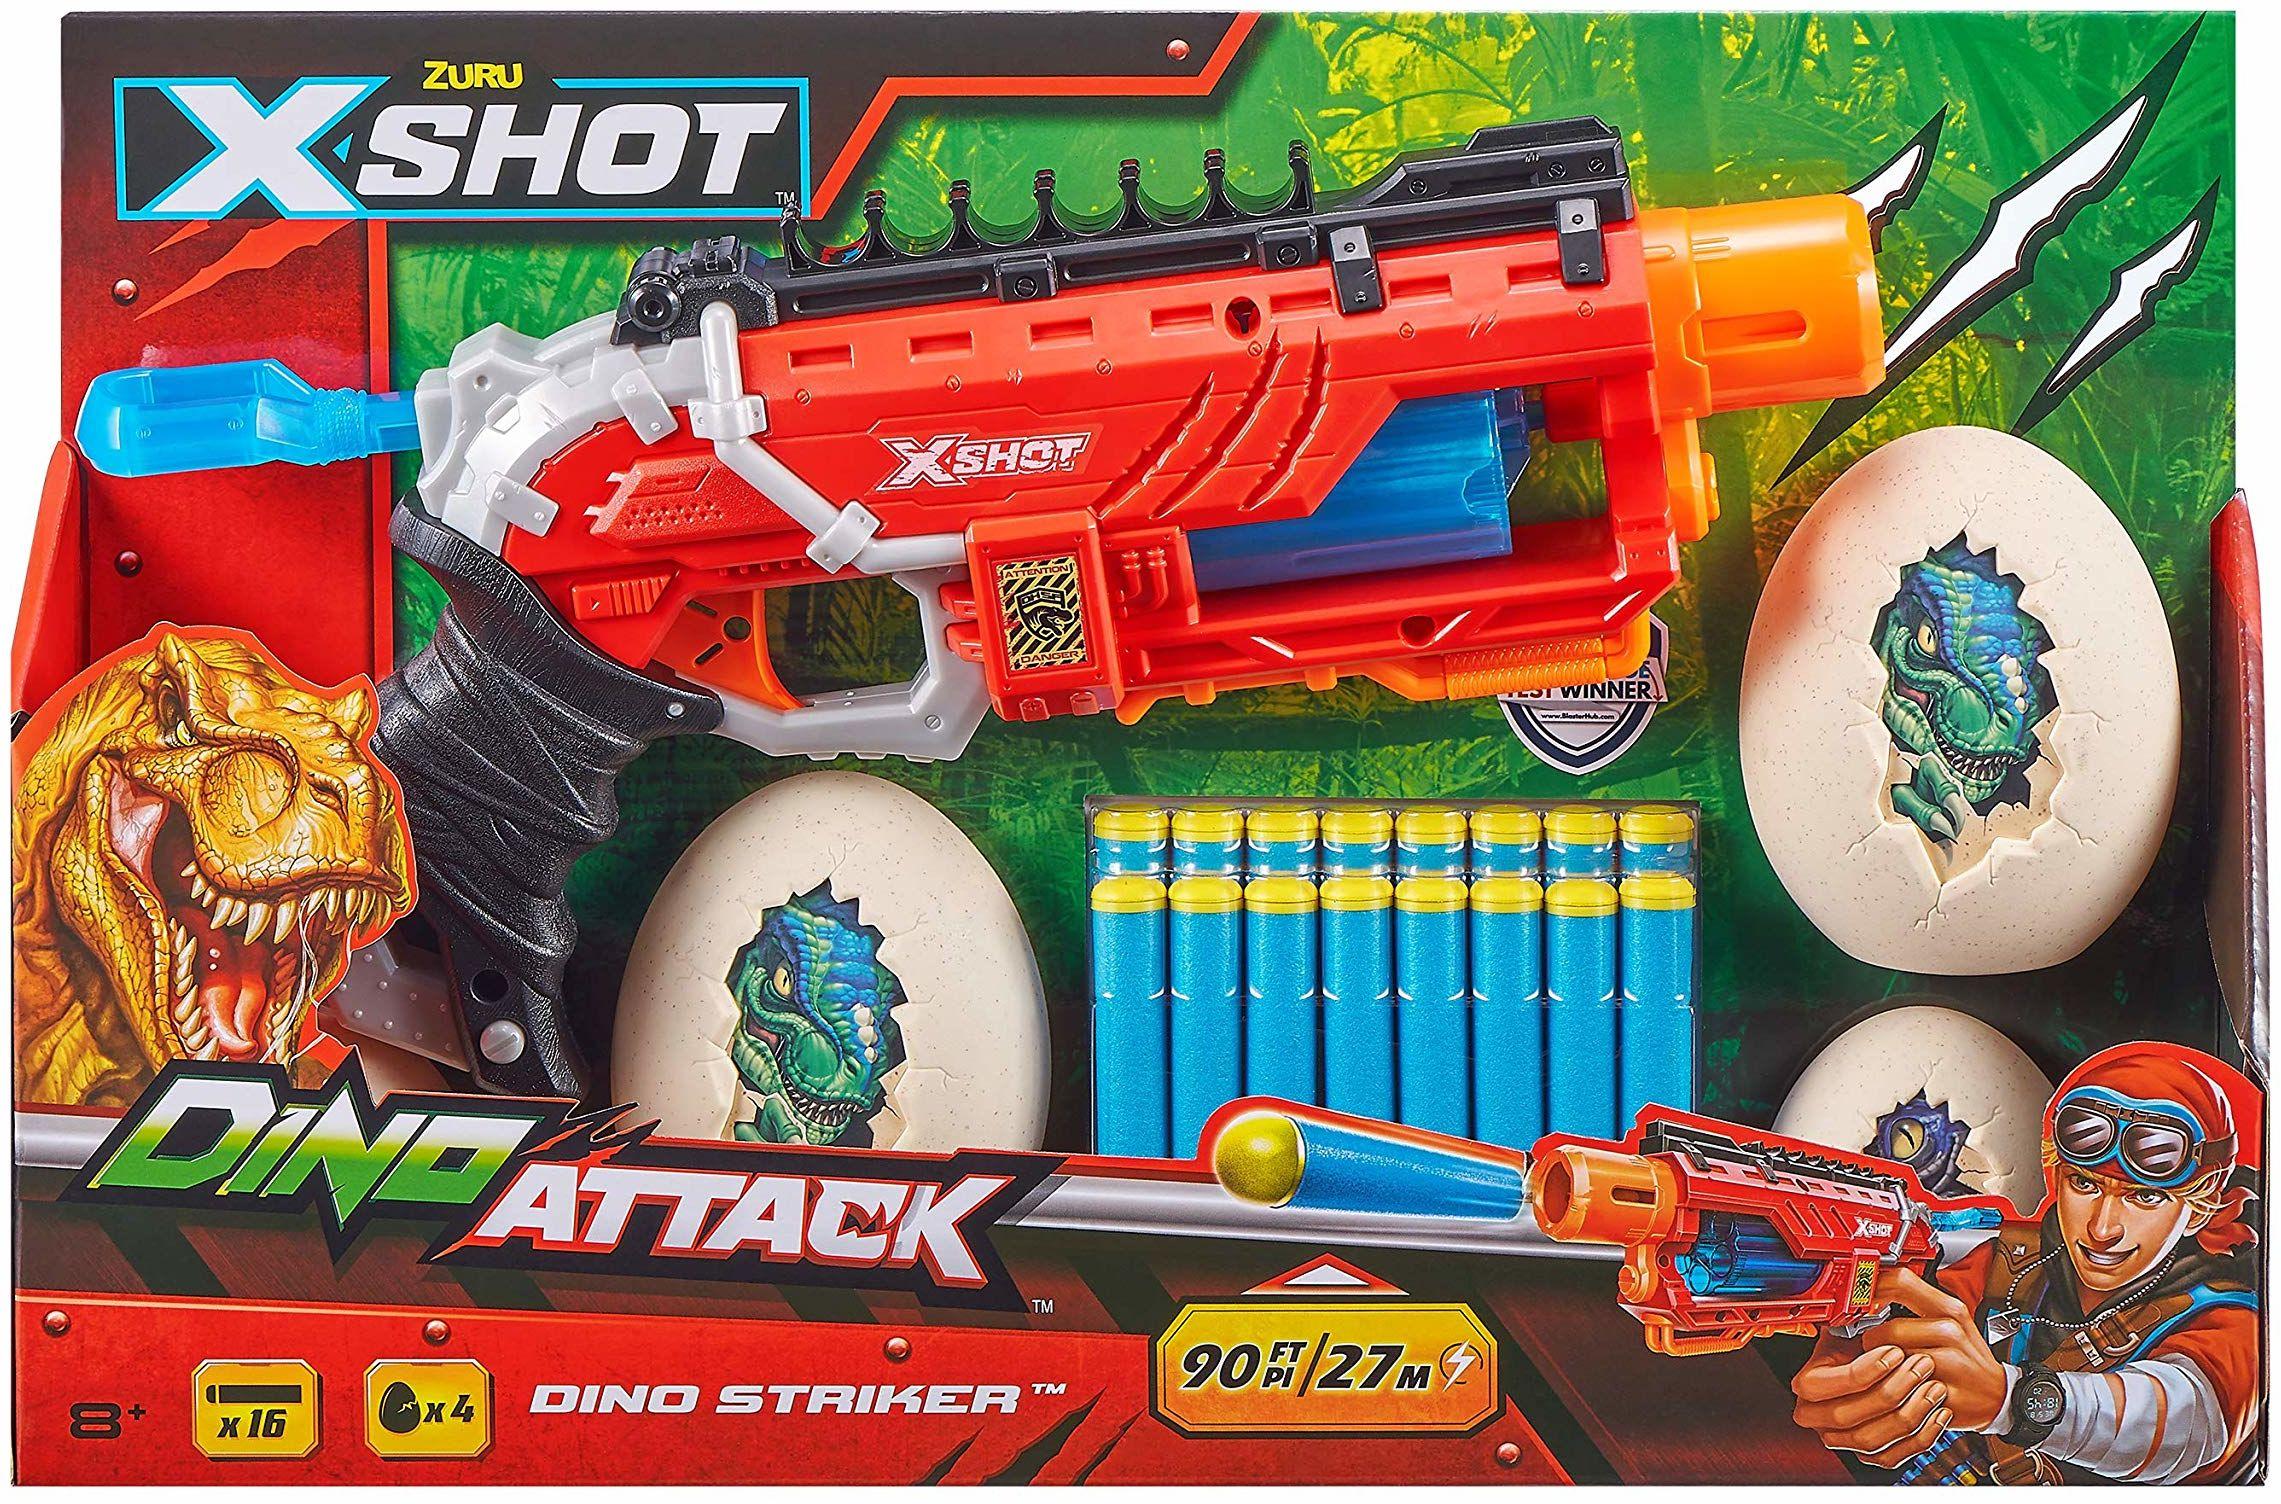 ZURU X-SHOT 4866 Dino Attack Striker pianka, 16 rzutek, 4 jajka